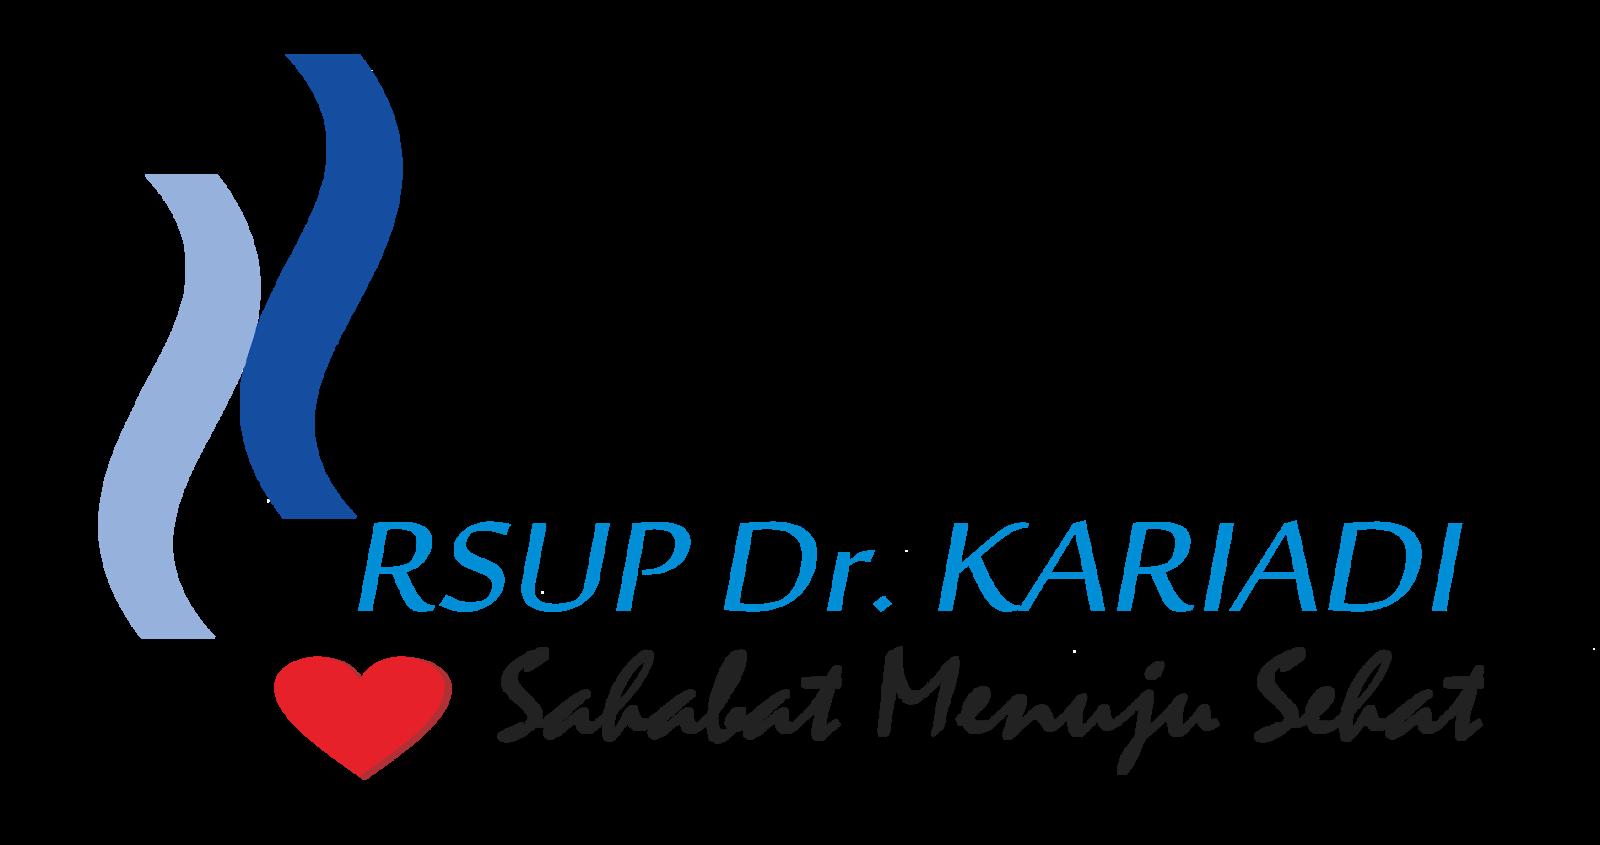 Hasil gambar untuk rsup kariadi logo